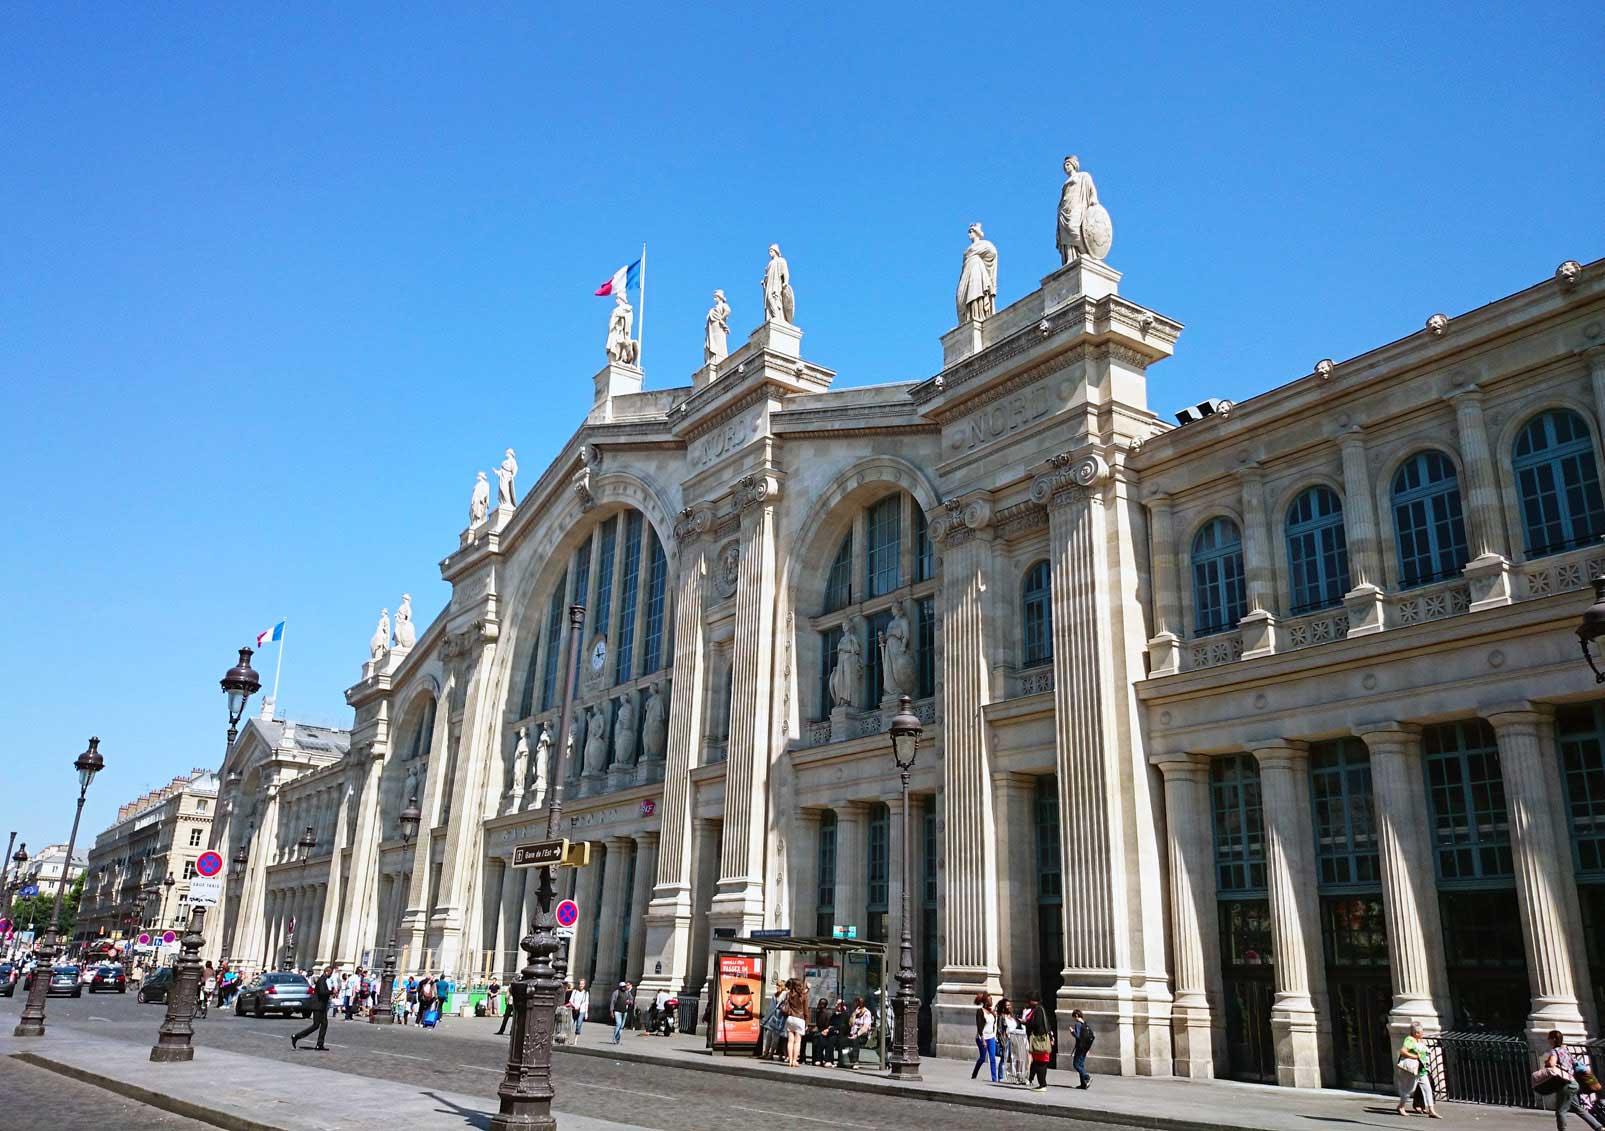 Quelle agence d'intérim Gare du Nord pour trouver des professionnels CHR?